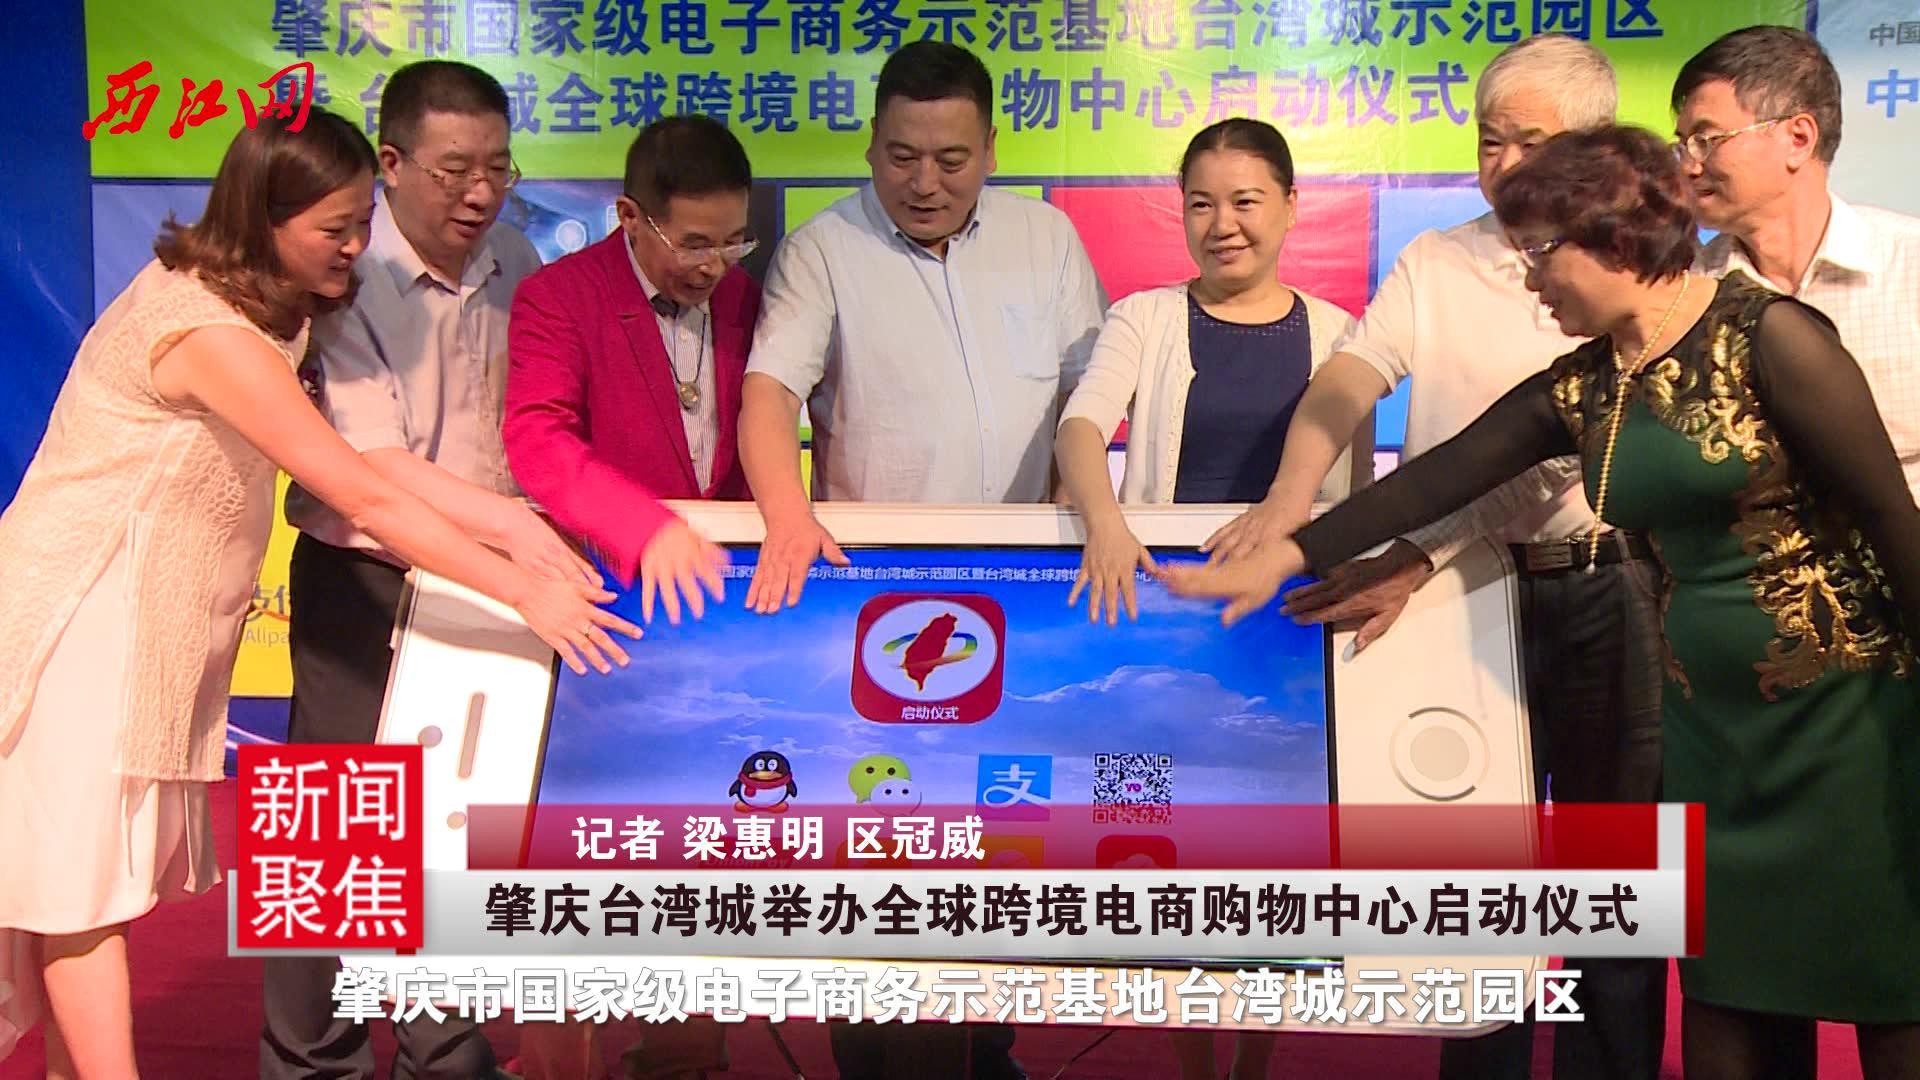 海淘不再难,轻松悠游购——肇庆台湾城举办全球跨境电商购物中心启动仪式